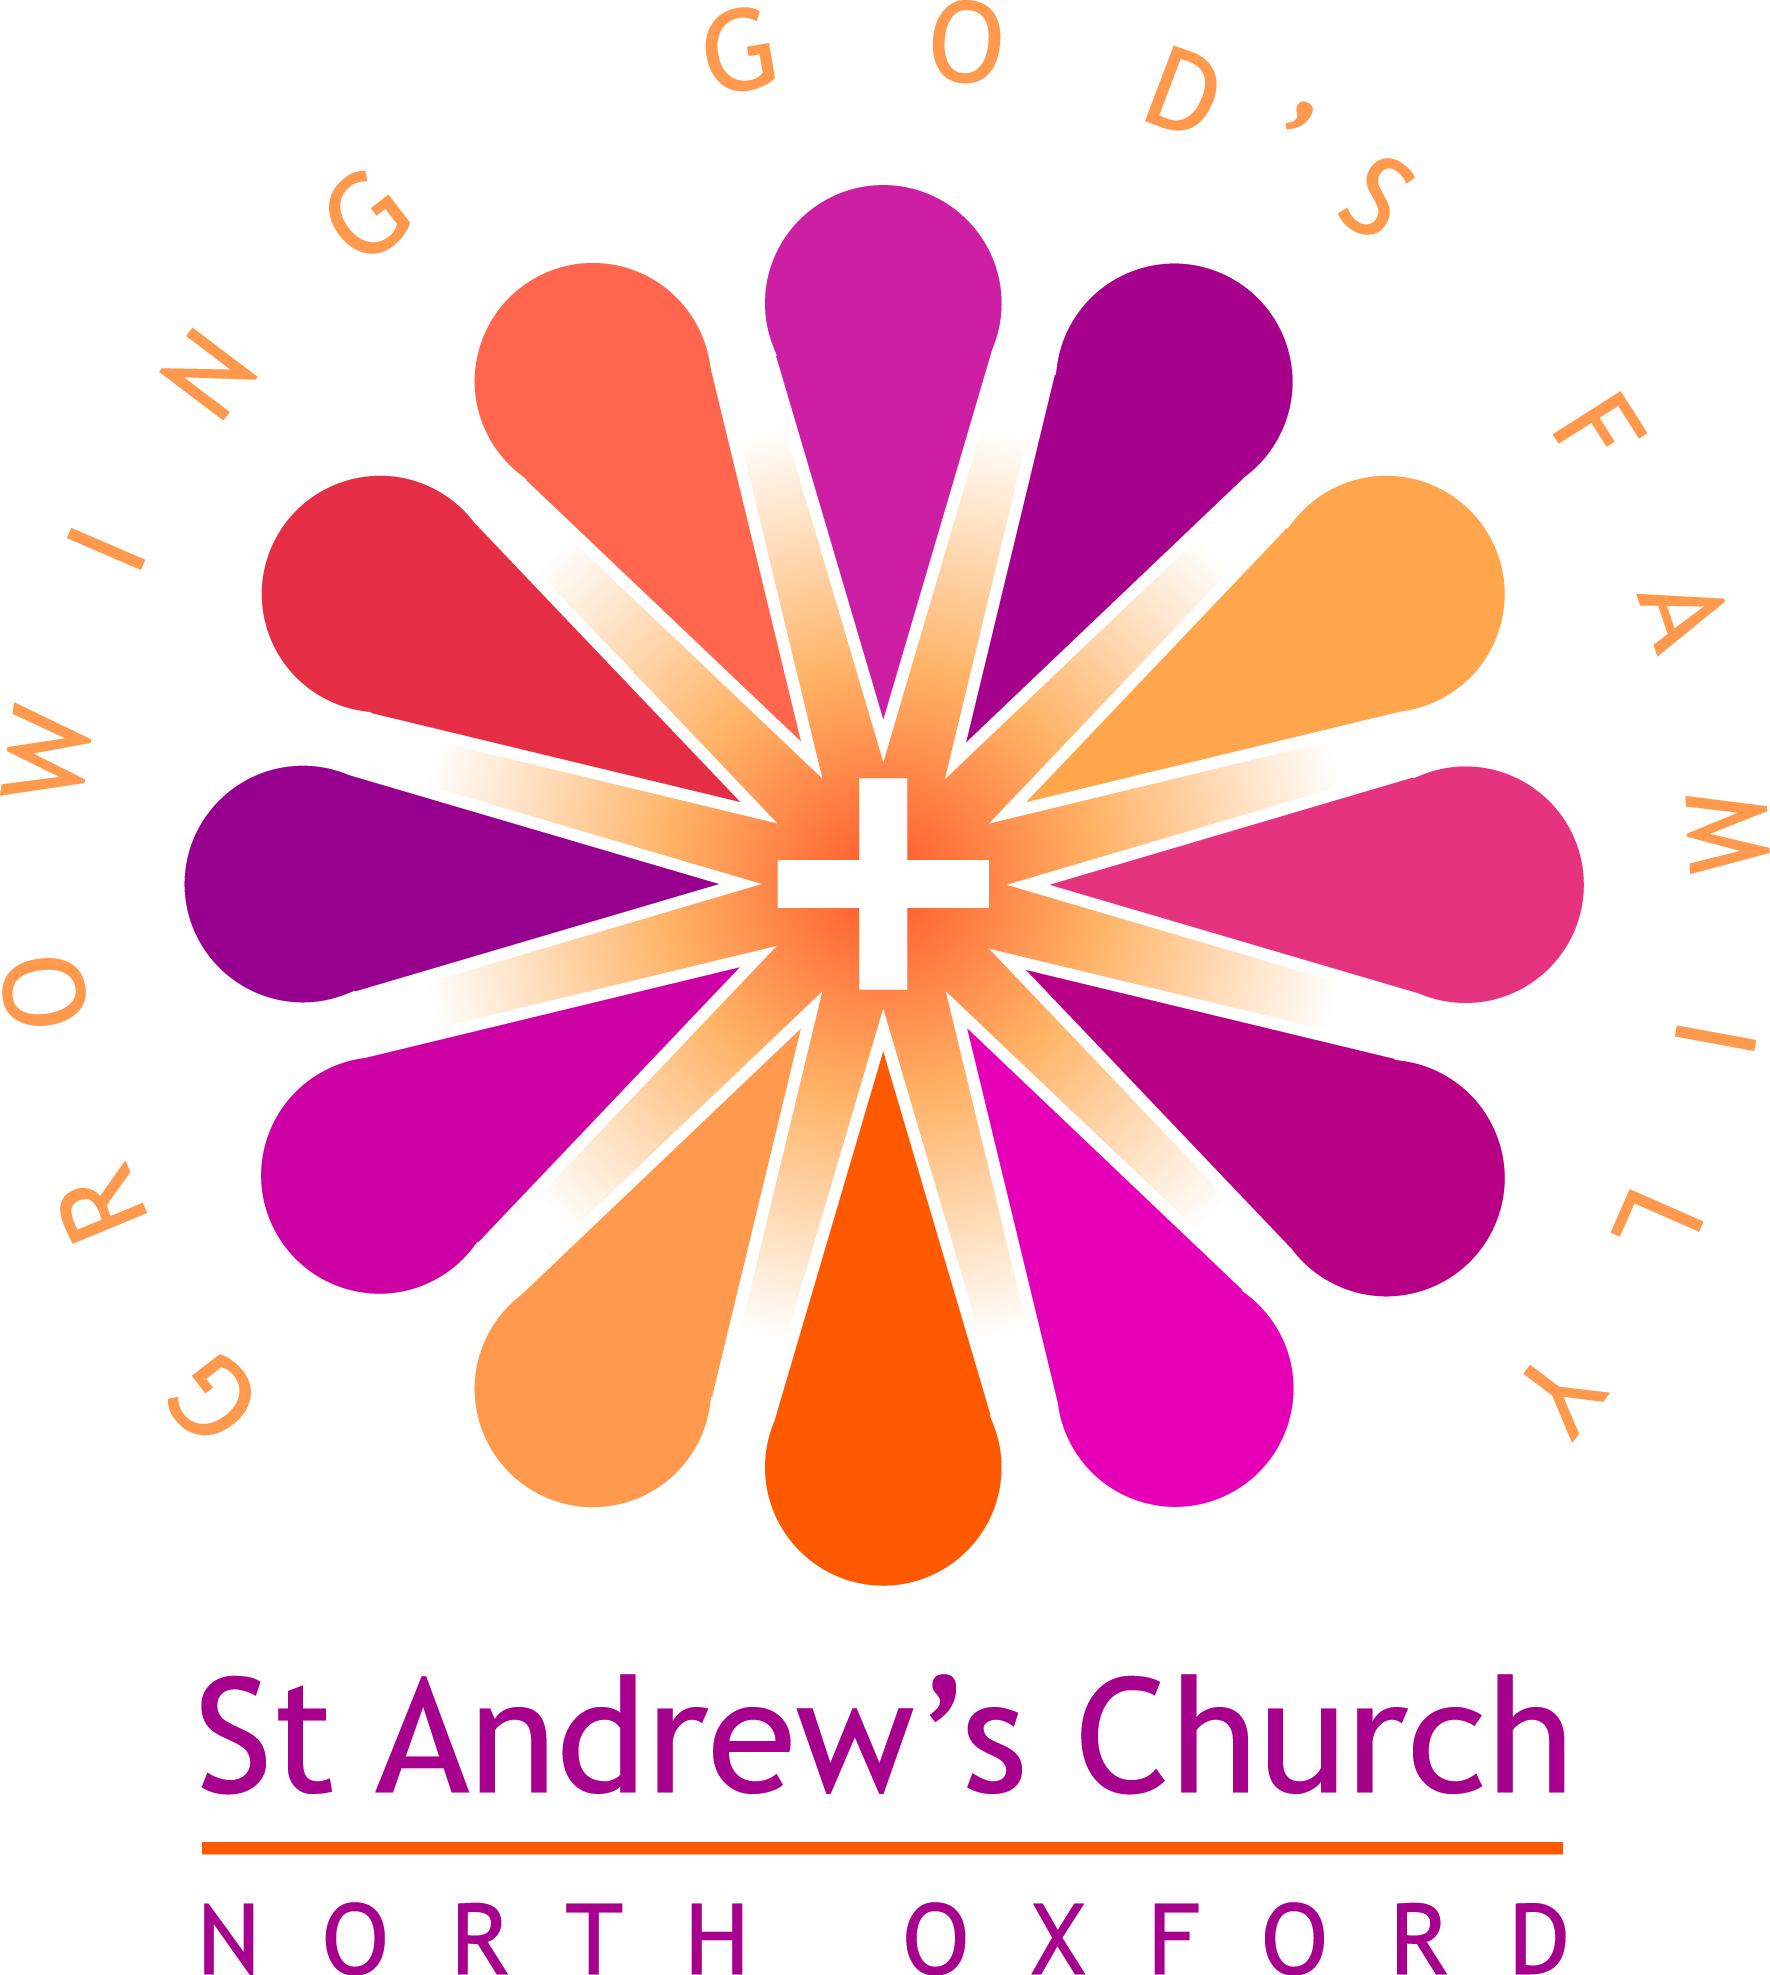 St Andrew's Church logo